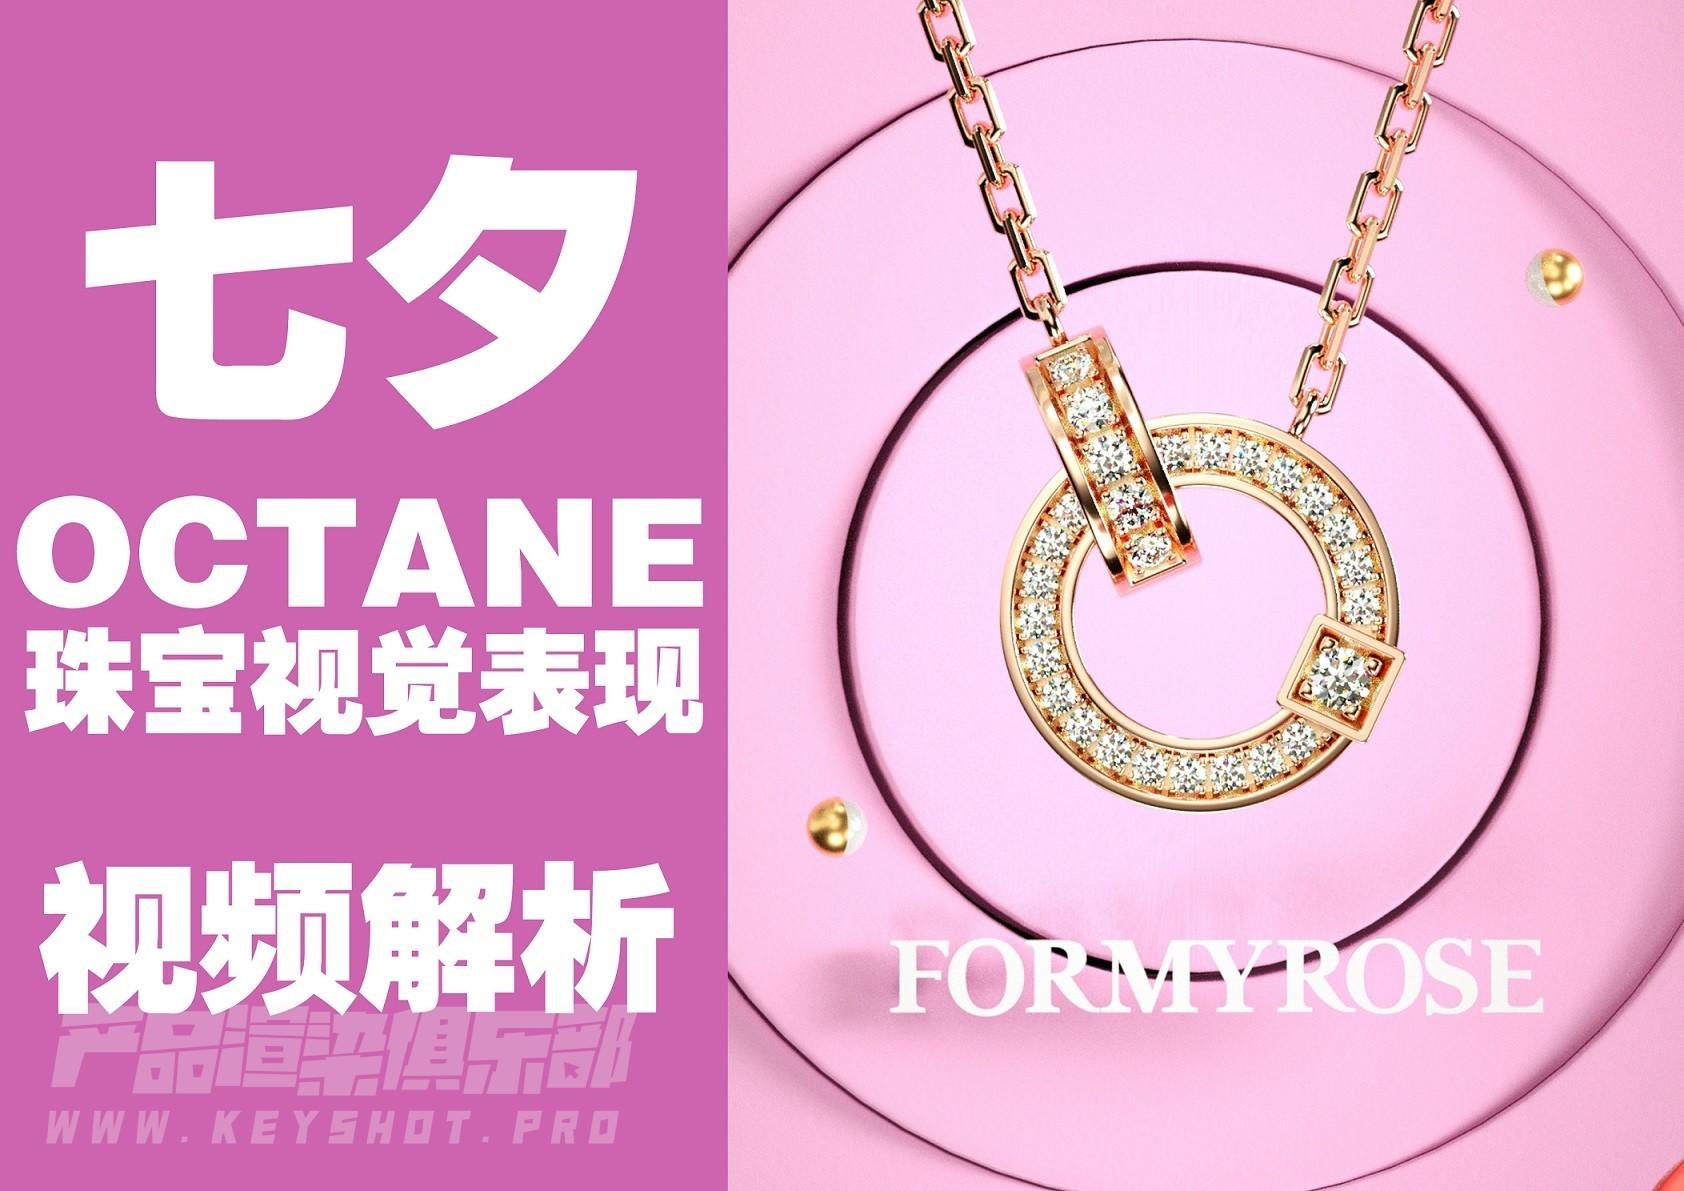 【OCTANE珠宝系列】七夕商业广告案例全解析